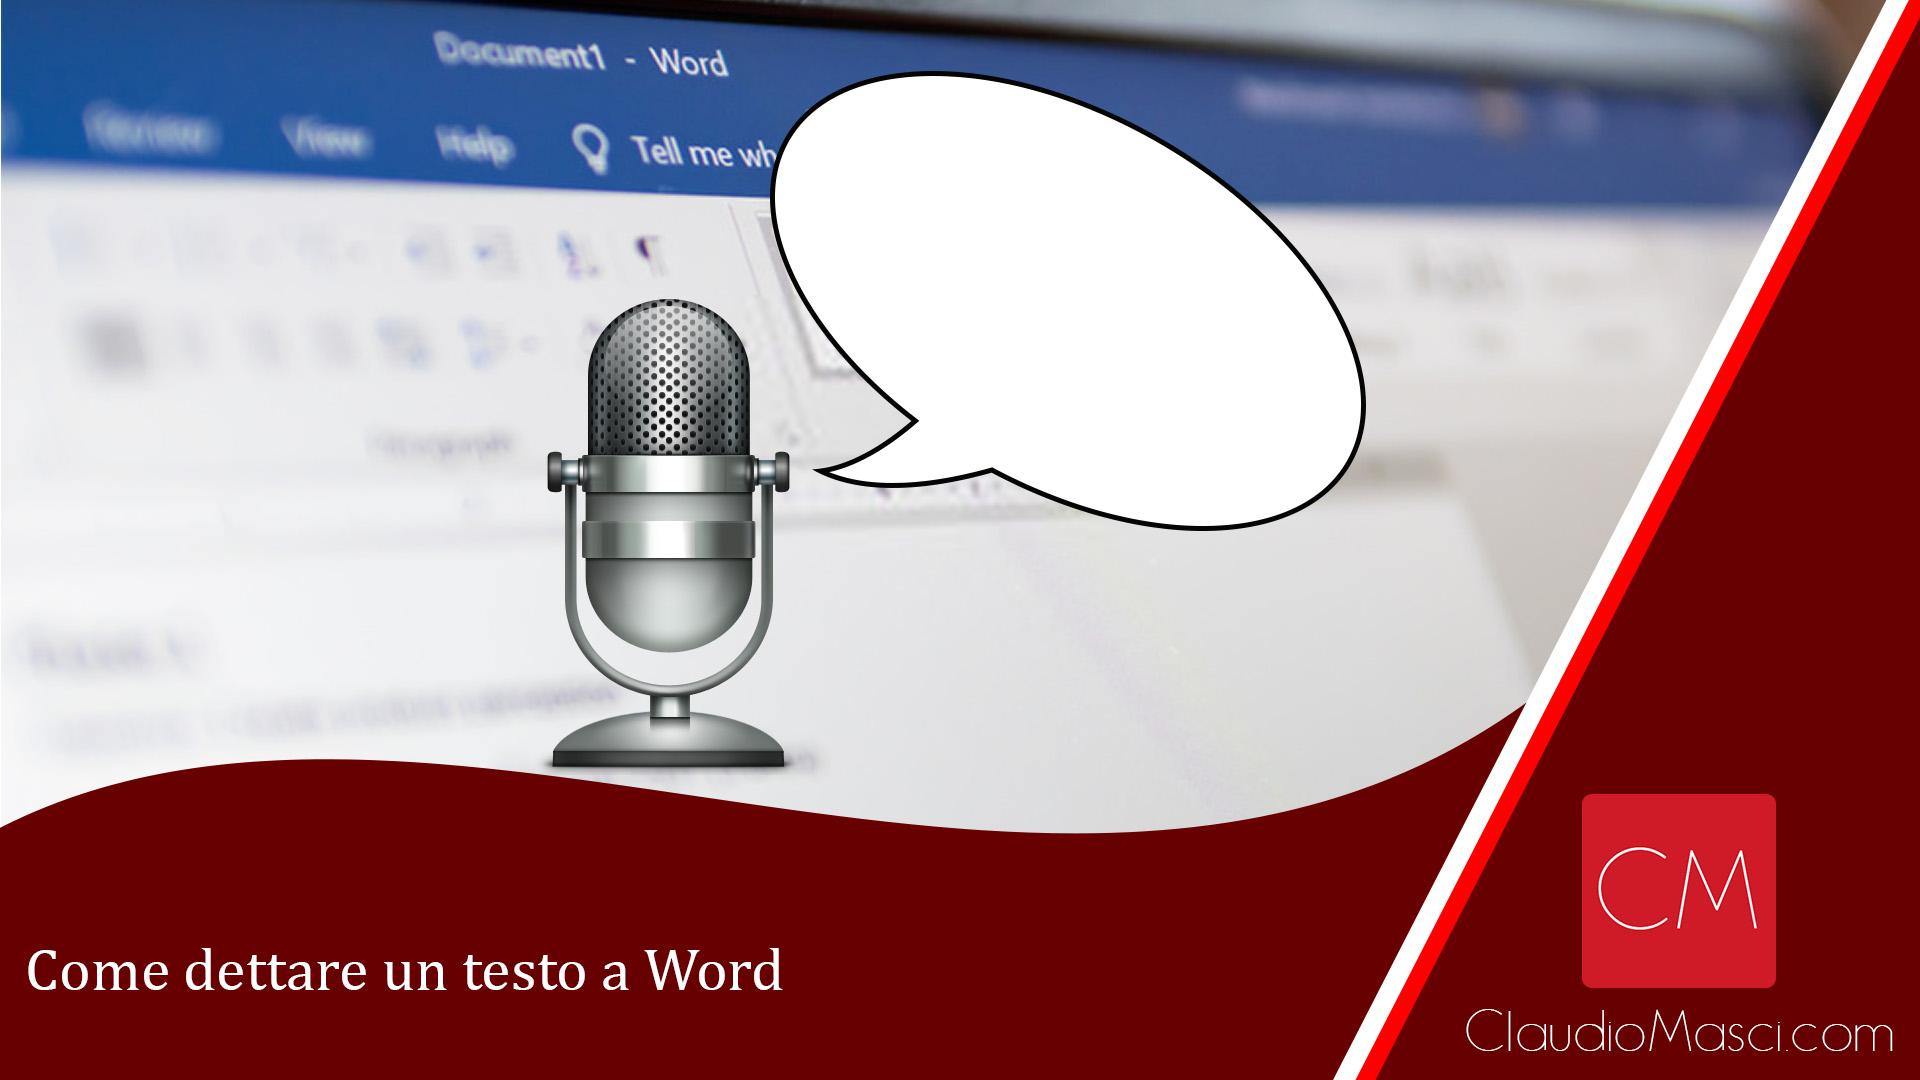 Come dettare un testo a Word